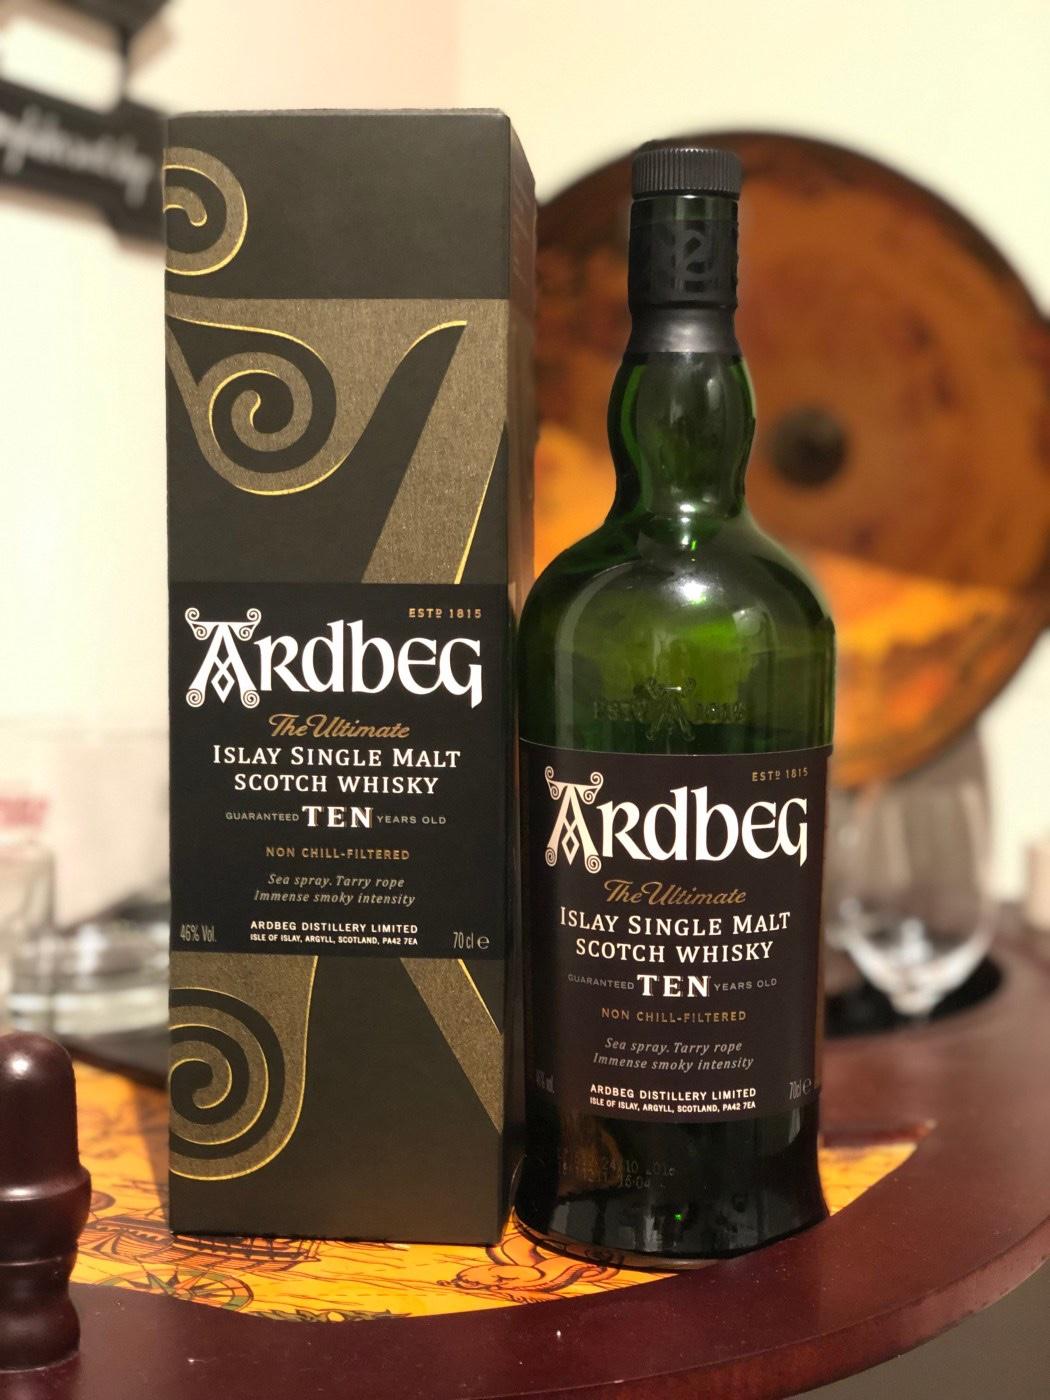 Ardbeg op fsom. 5 Whisky's om de winter mee door te komen. Deze tips van onze eigen Whisky kenner, Confessions of a Whisky freak wil jij gewoon in huis halen. Fijne winter!